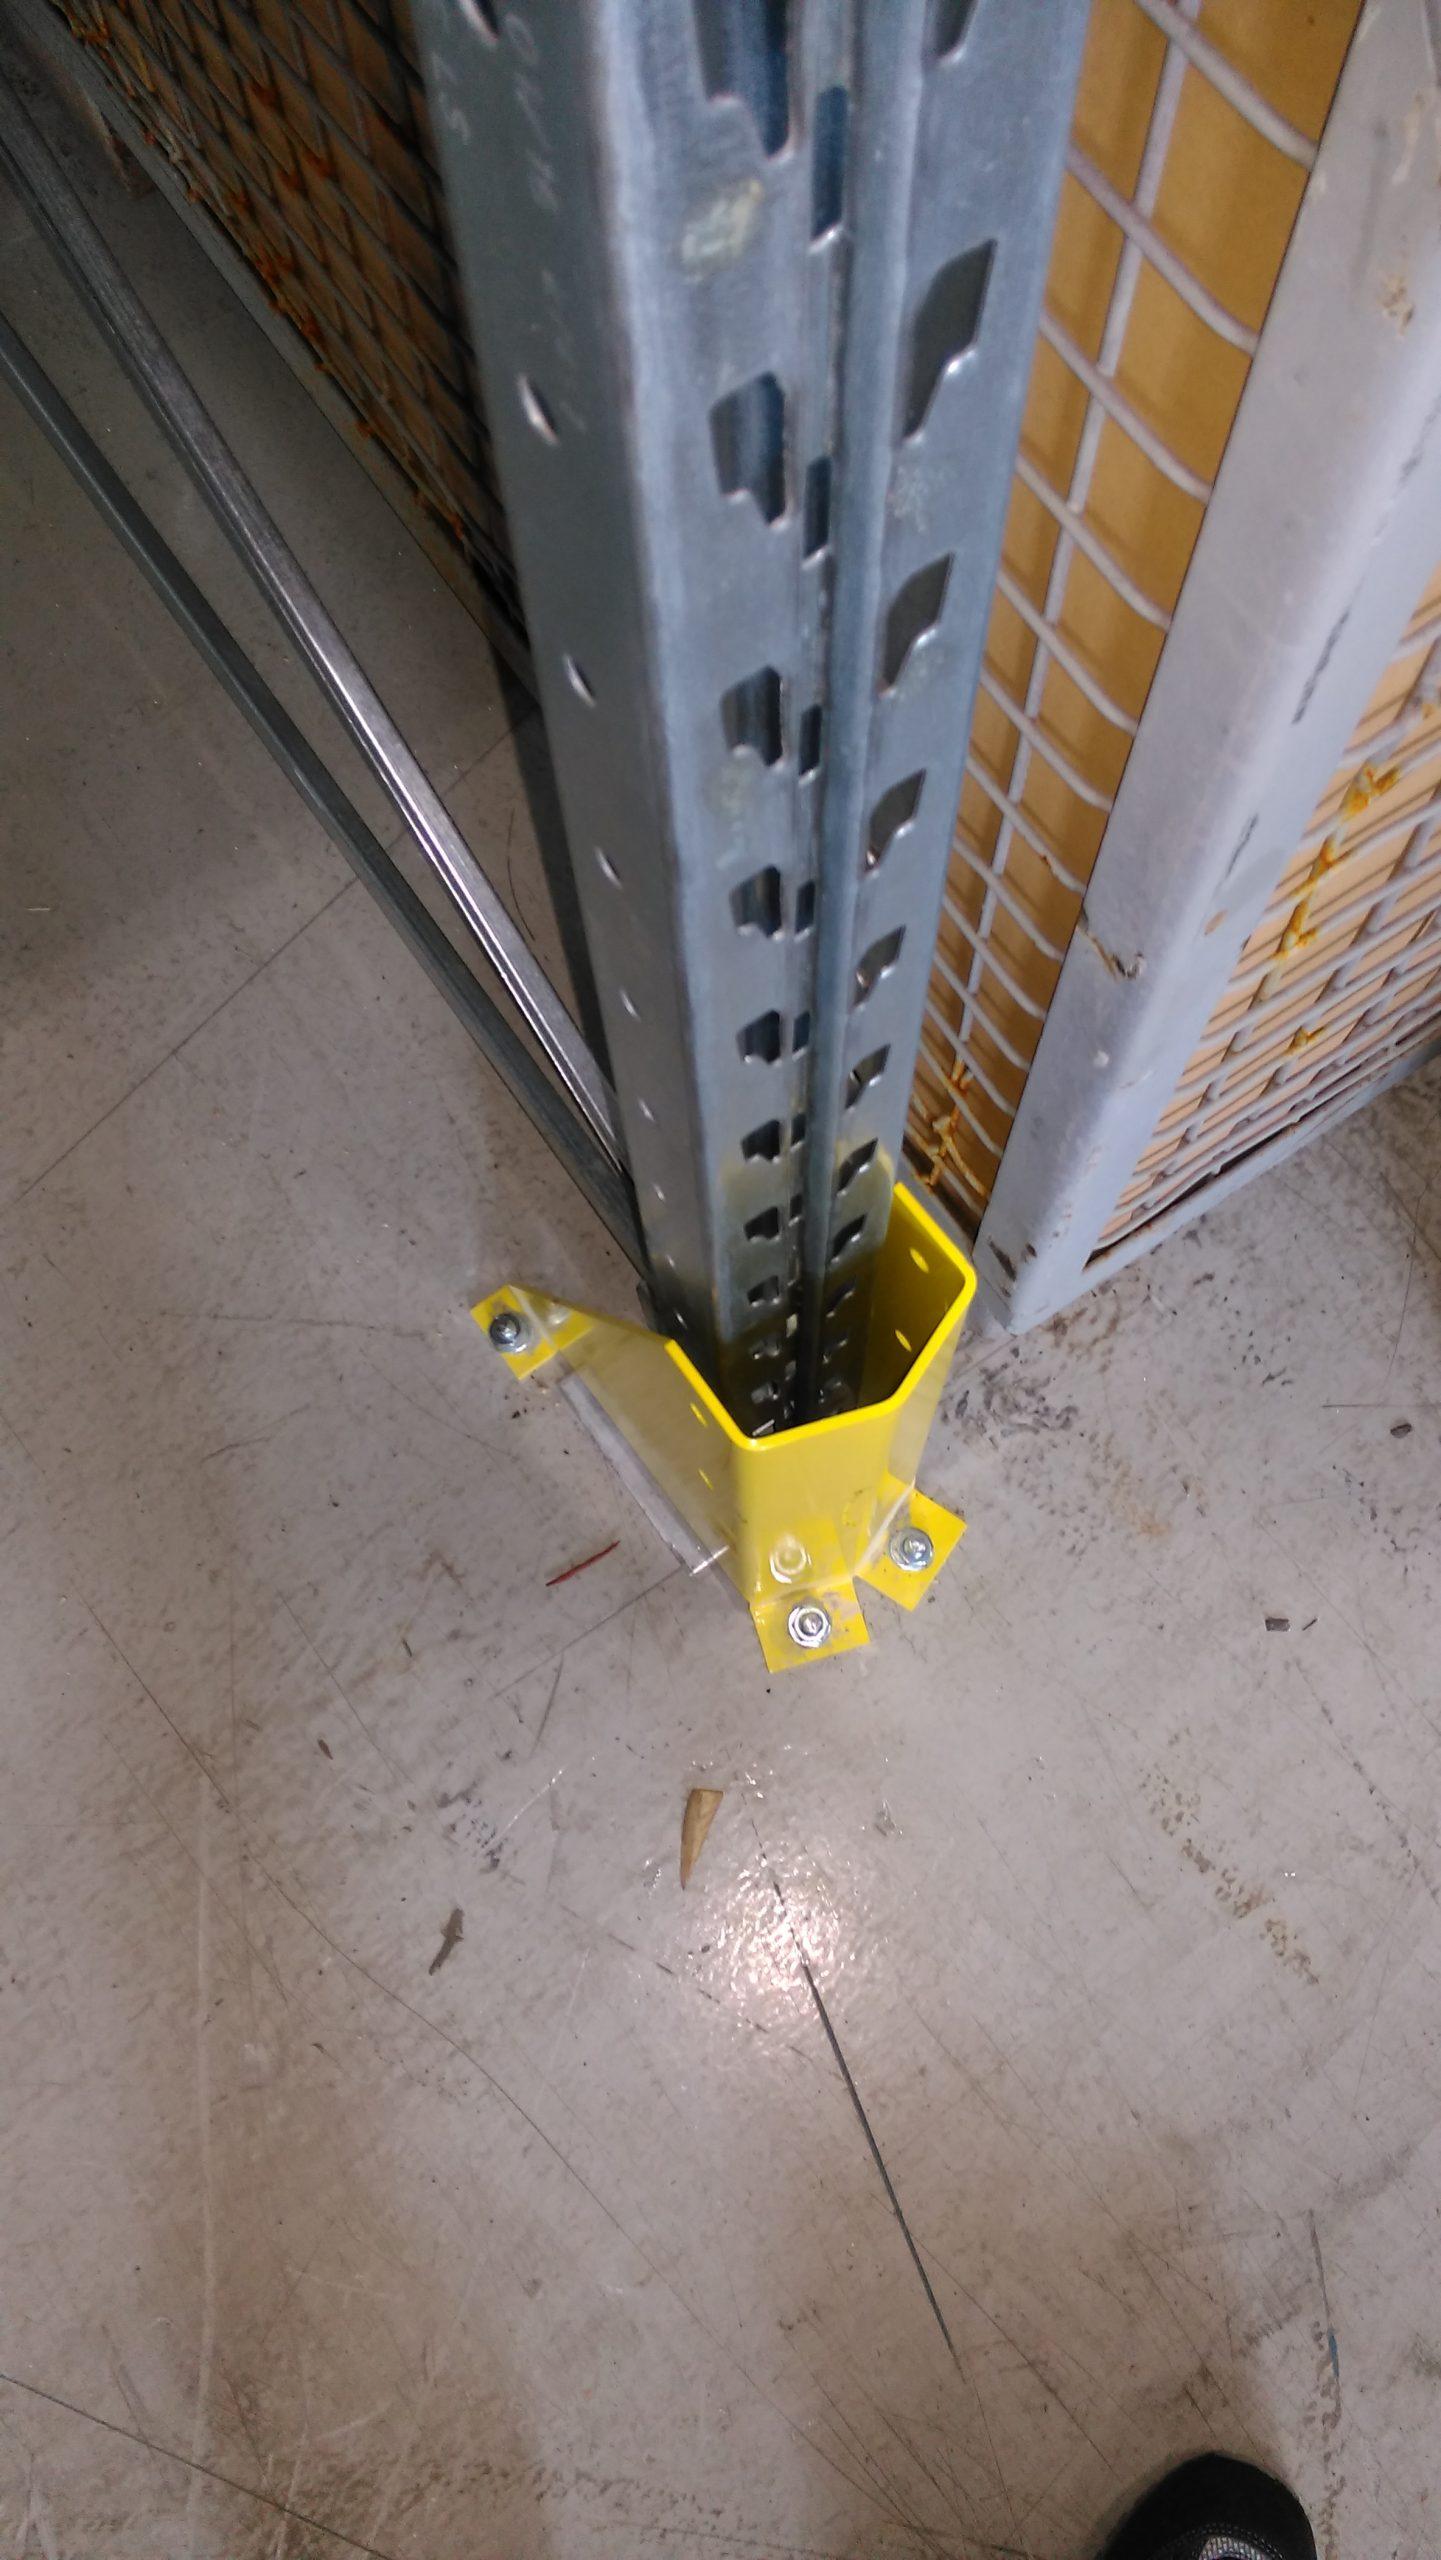 Vendita protezioni paracolpi per scaffali portapallet